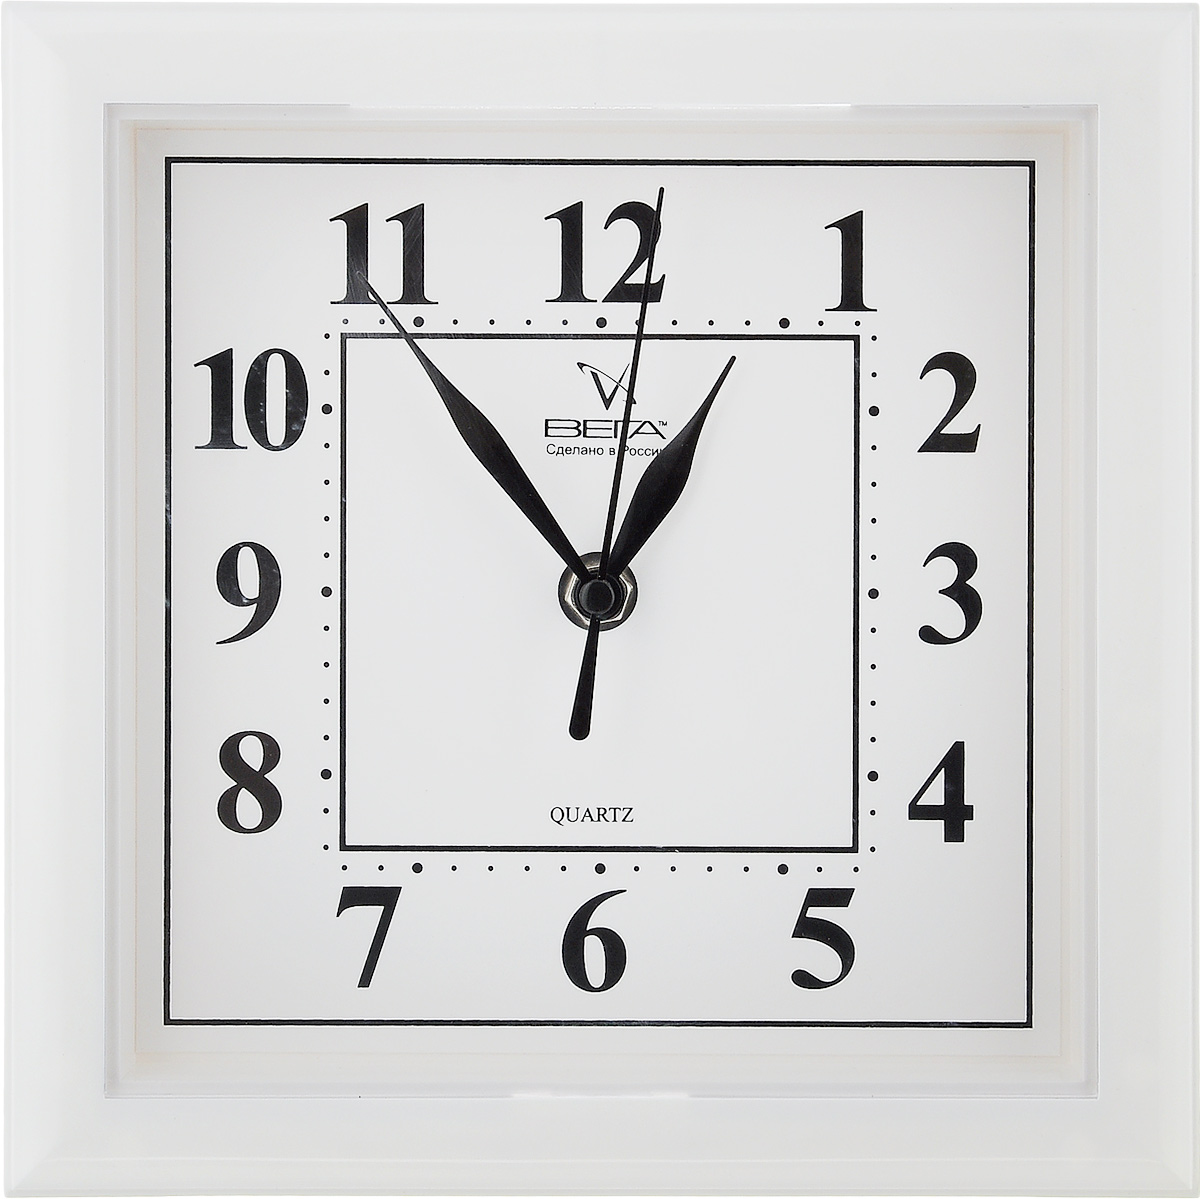 Часы настенные Вега Классика, цвет: белый, 20,6 х 20,6 х 4 см54 009305Настенные кварцевые часы Вега Классика, изготовленные из пластика, прекрасно впишутся в интерьер вашего дома. Квадратные часы имеют три стрелки: часовую, минутную и секундную, циферблат защищен прозрачным пластиком. Часы работают от 1 батарейки типа АА напряжением 1,5 В (не входит в комплект).